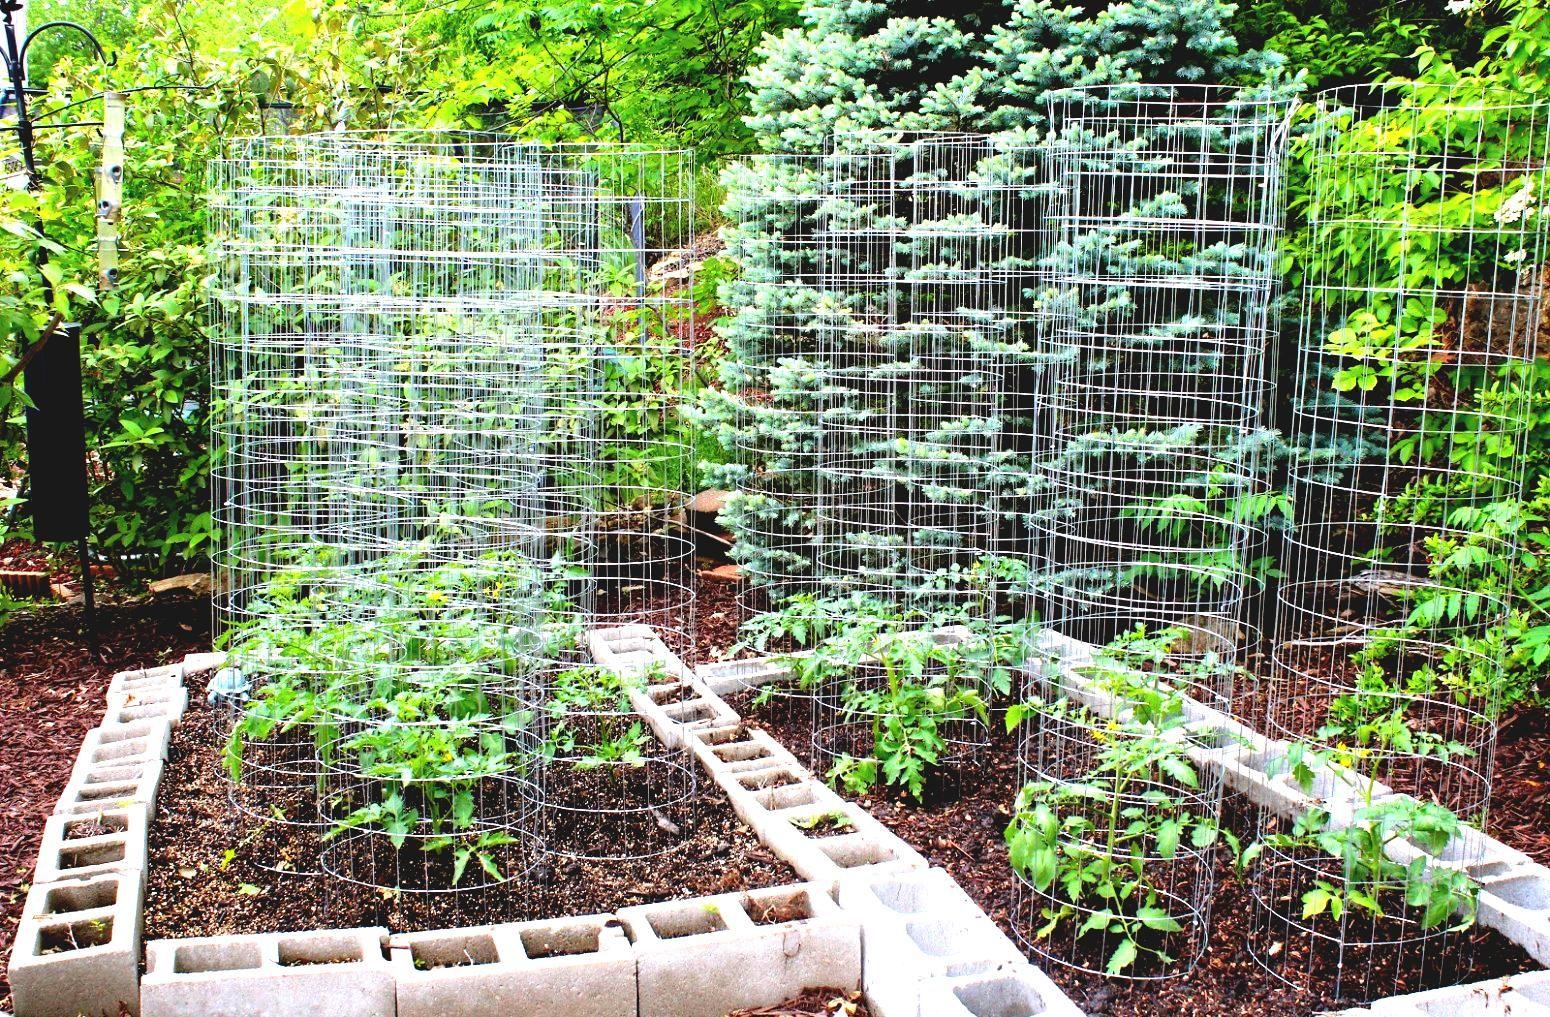 Country Vegetable Garden Ideas Modern Interior Decorating Ideas Home Vegetable Garden Design Vegetable Garden Trellis Garden Layout